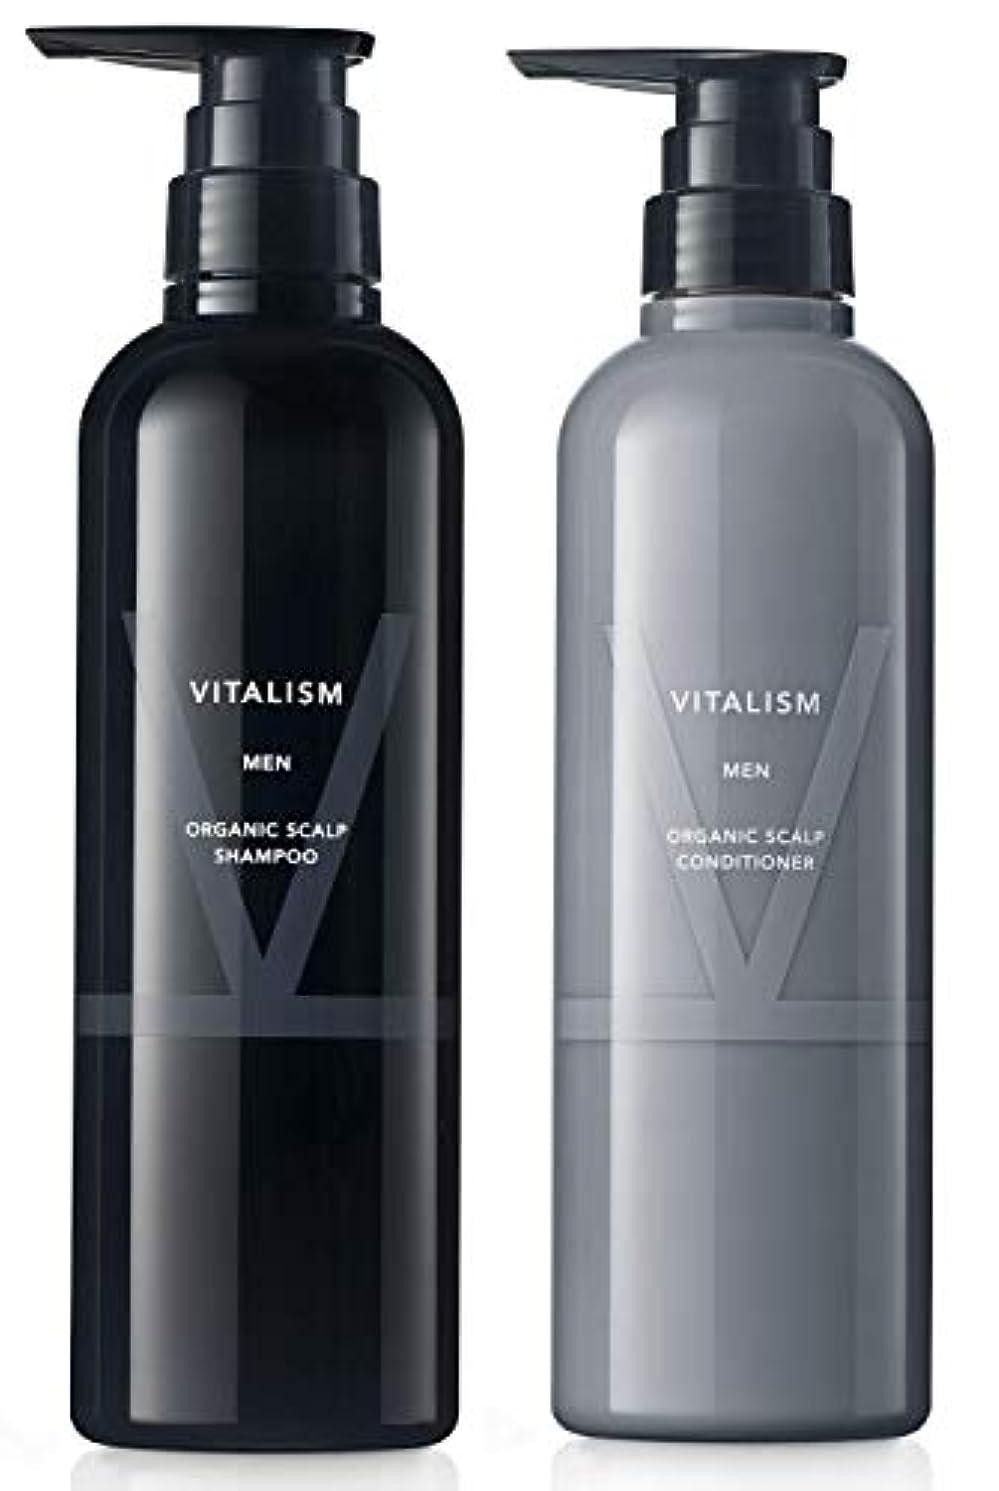 不安枠デザイナーバイタリズム(VITALISM) スカルプケア シャンプー&コンディショナー セット for MEN (男性用) 各500ml 大容量 ポンプ式 [リニューアル版]